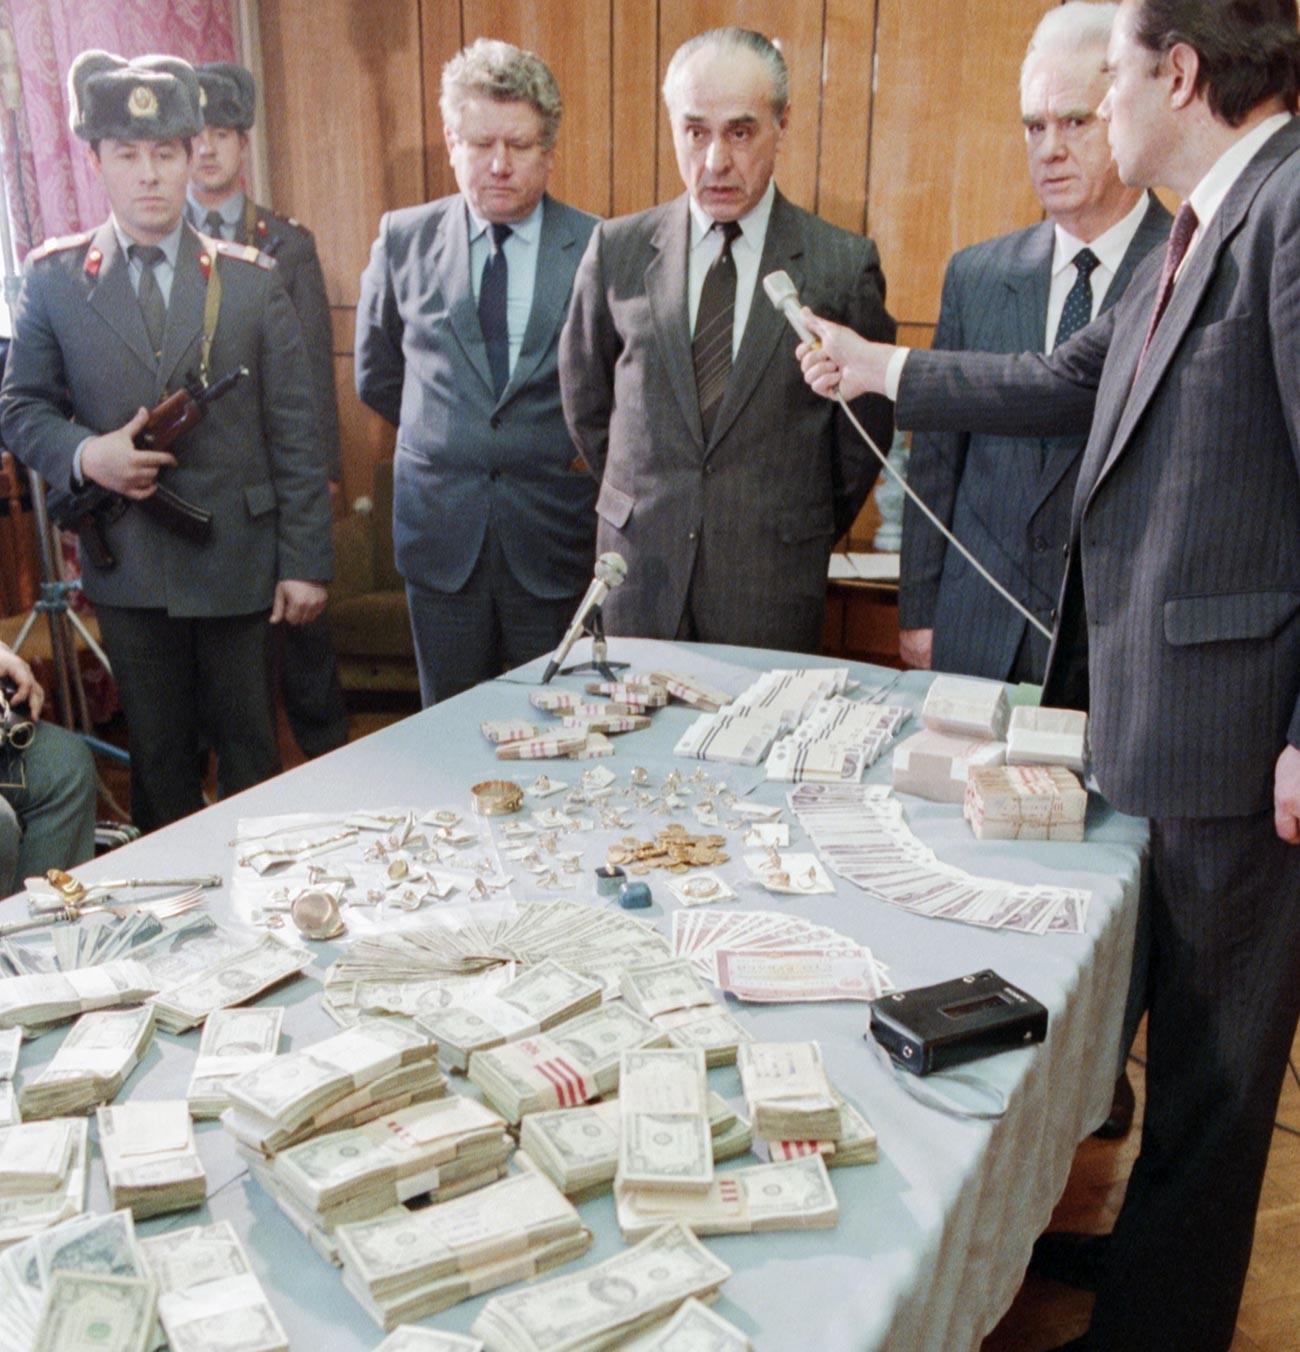 Devises confisquées à des trafiquants et présentées aux journalistes durant une conférence de presse au Département principal de l'Intérieur du Comité exécutif du Conseil de la ville de Moscou